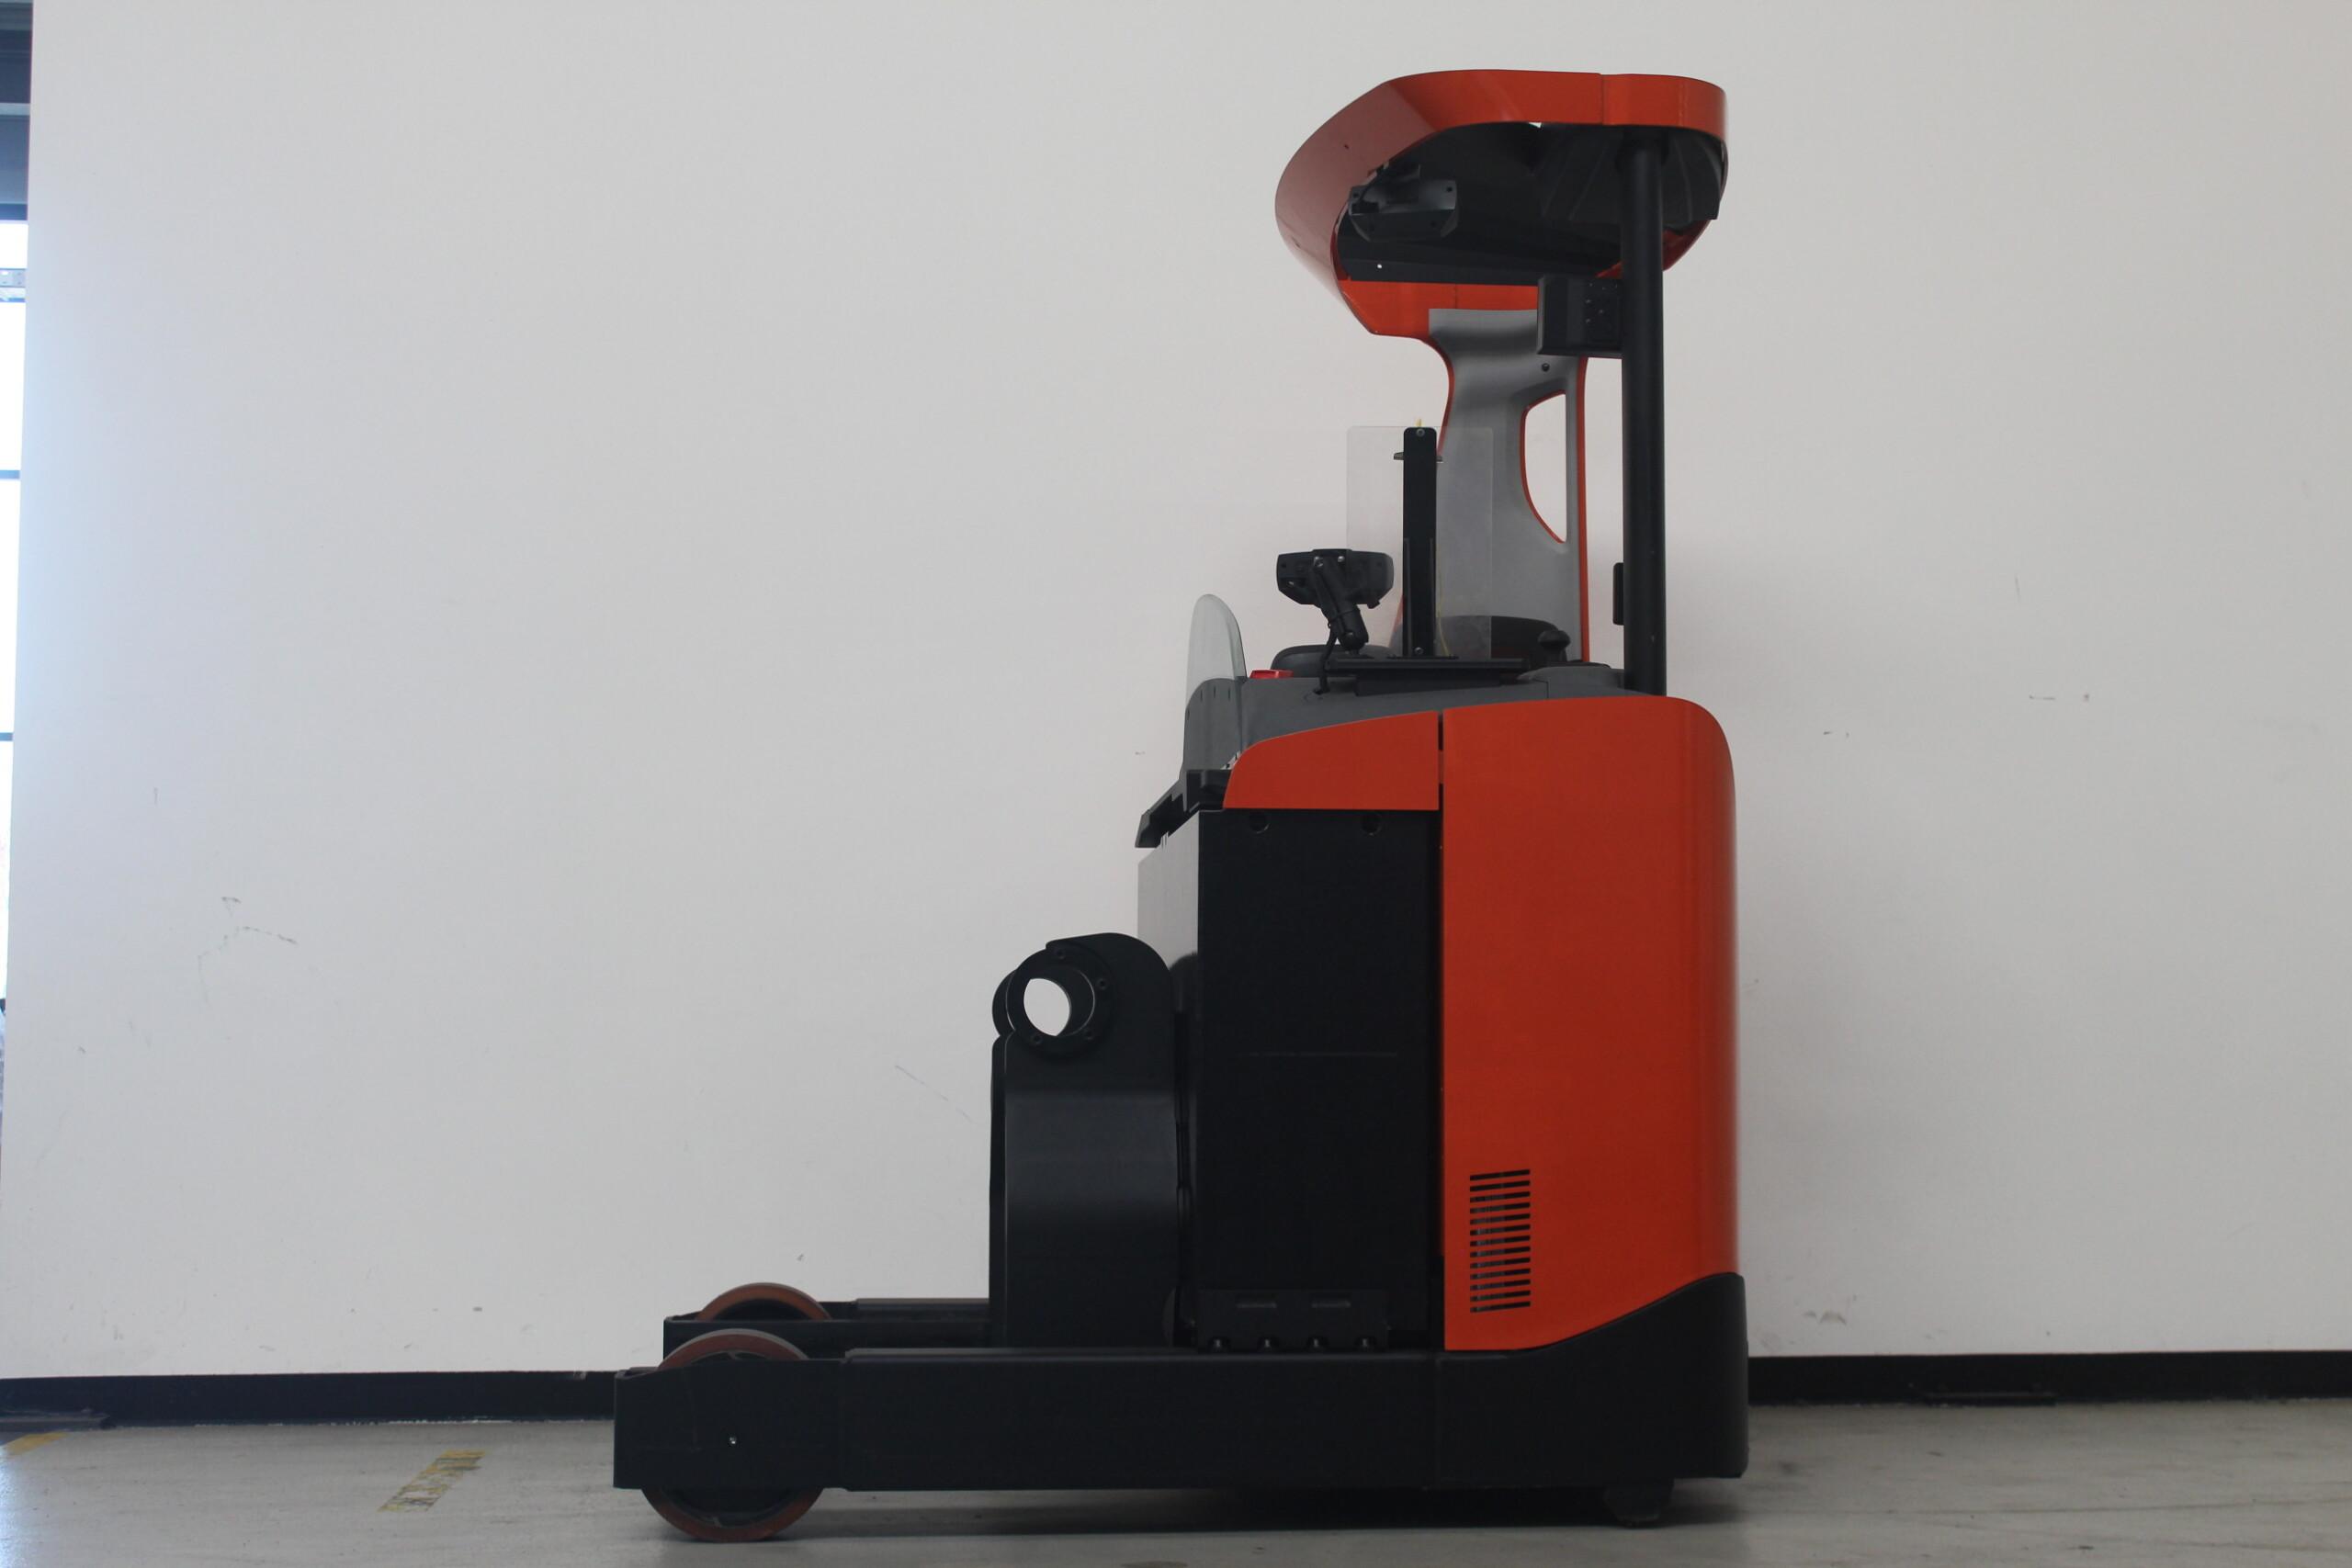 Toyota-Gabelstapler-59840 1611023059 1 8 scaled